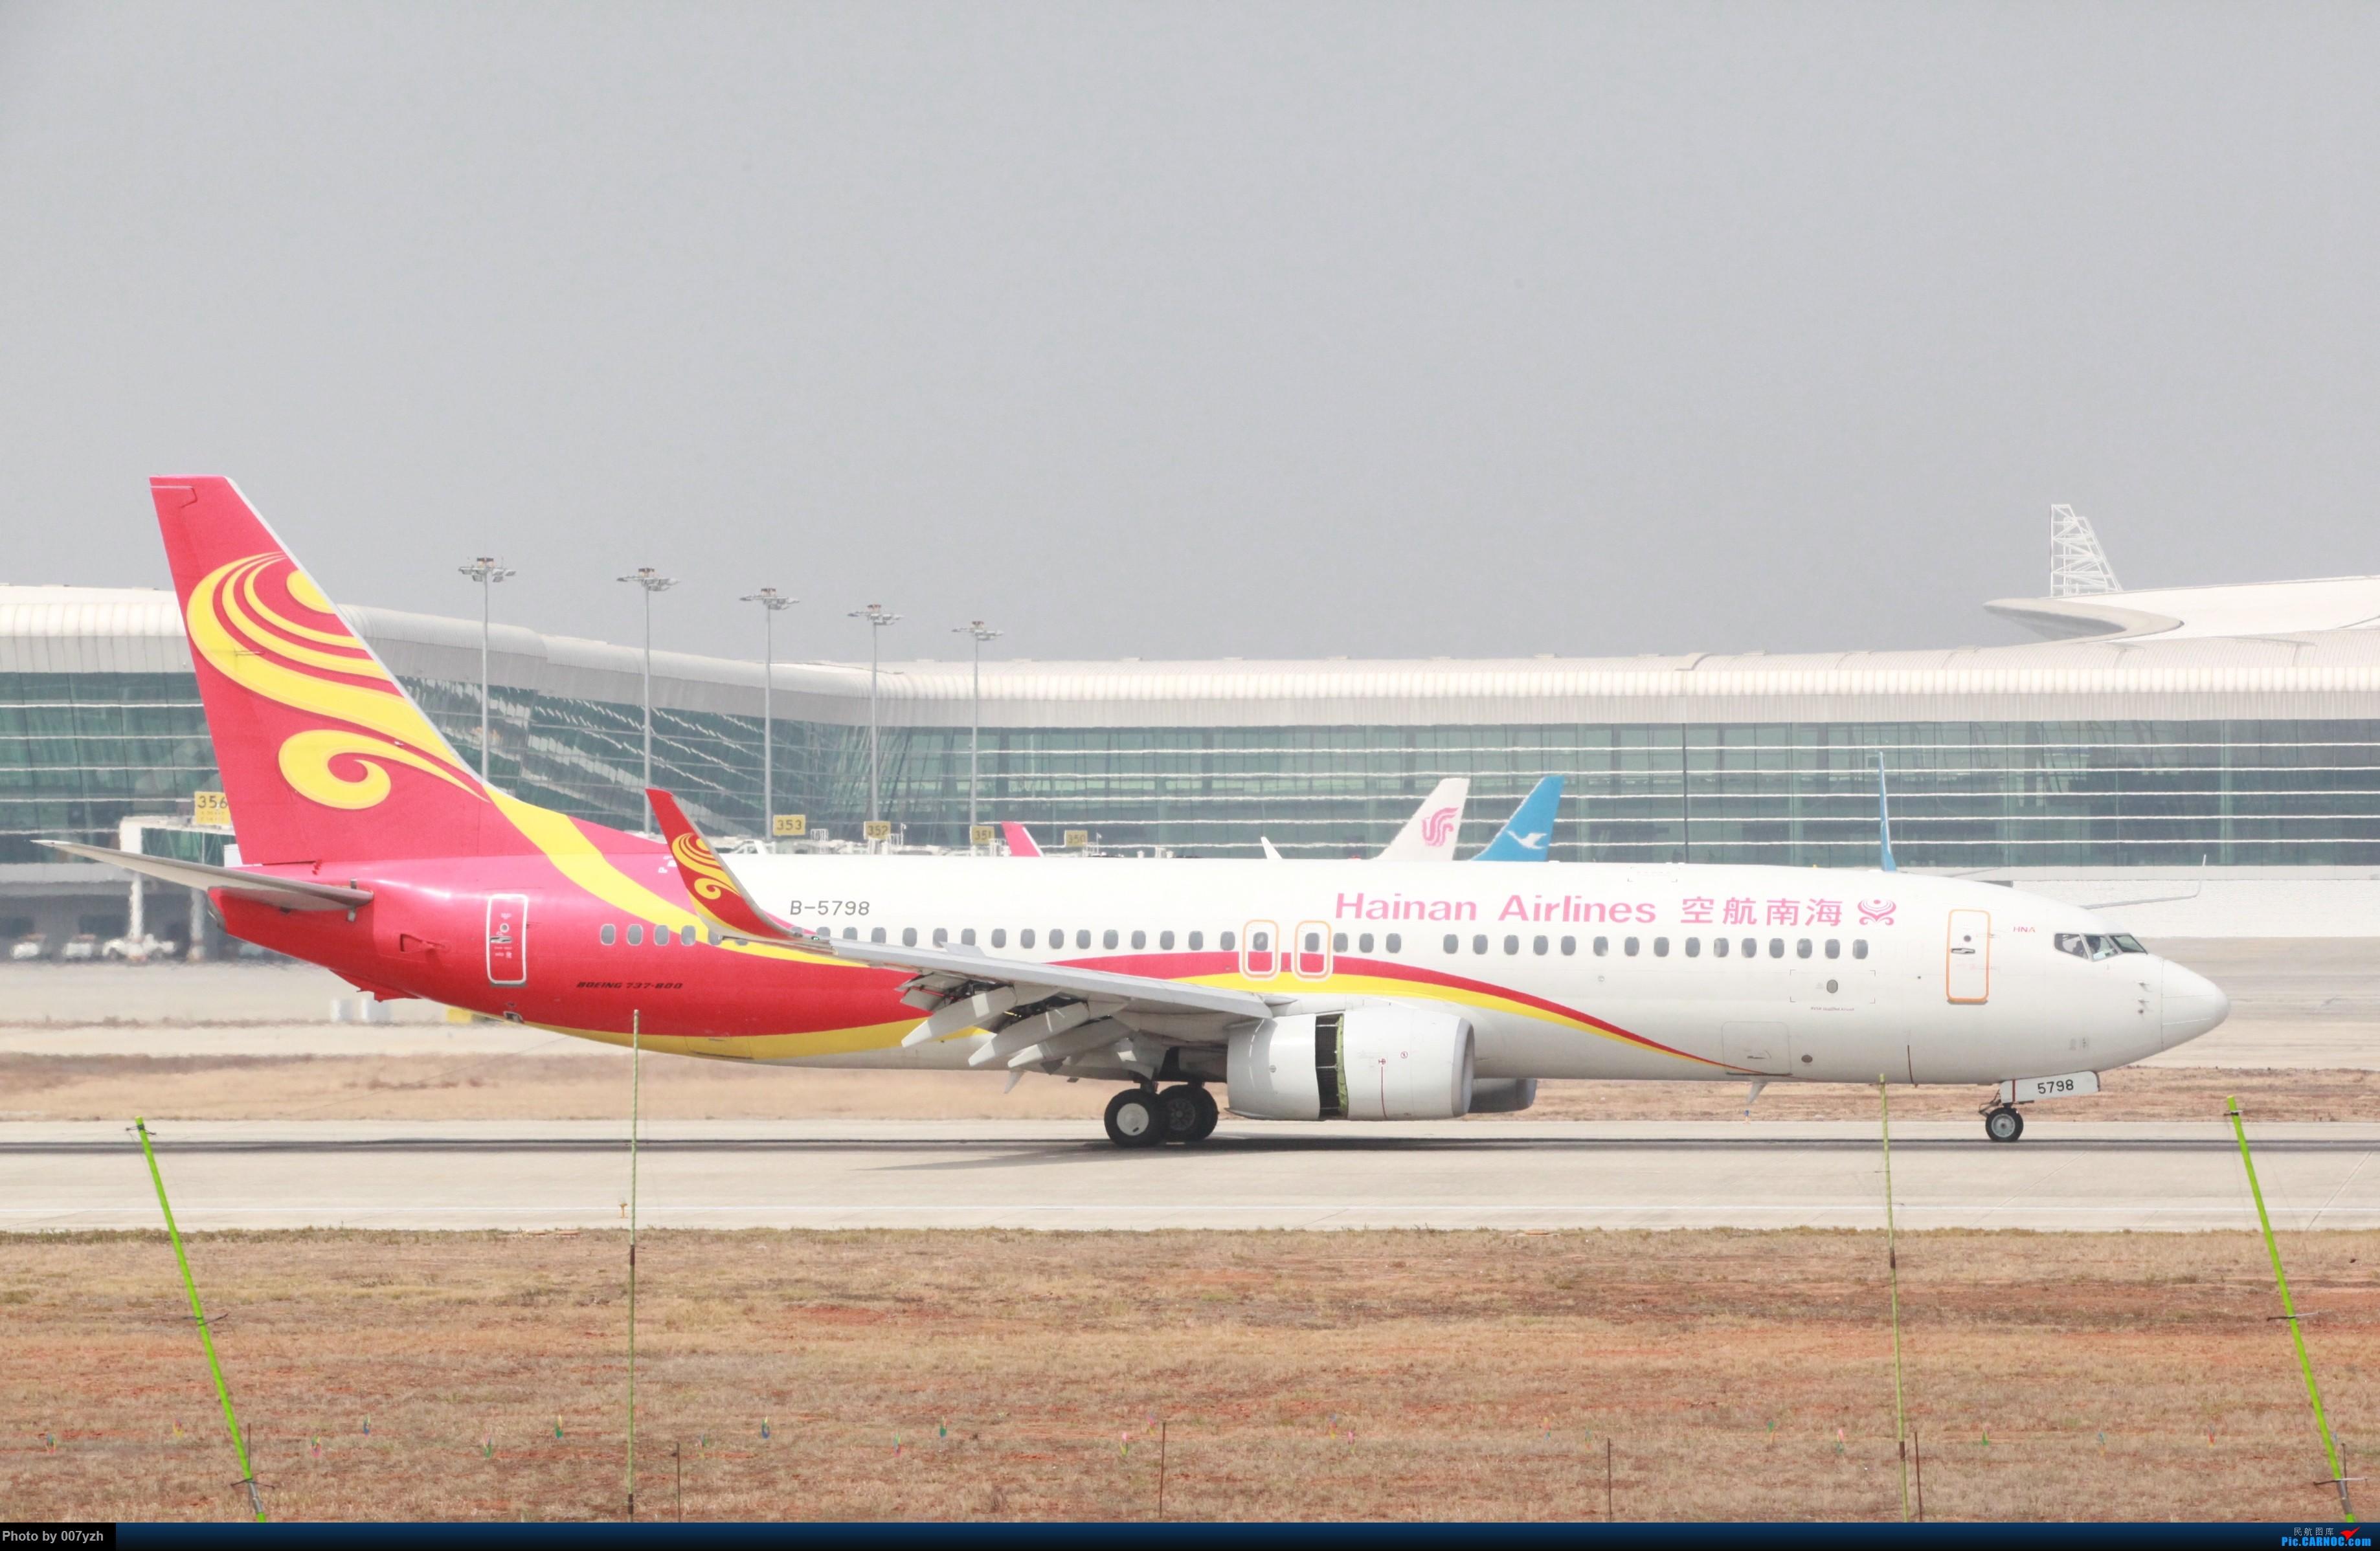 Re:[原创]WUH小拍,终于找到了在WUH拍机的组织 BOEING 737-800 B-5798 中国武汉天河国际机场